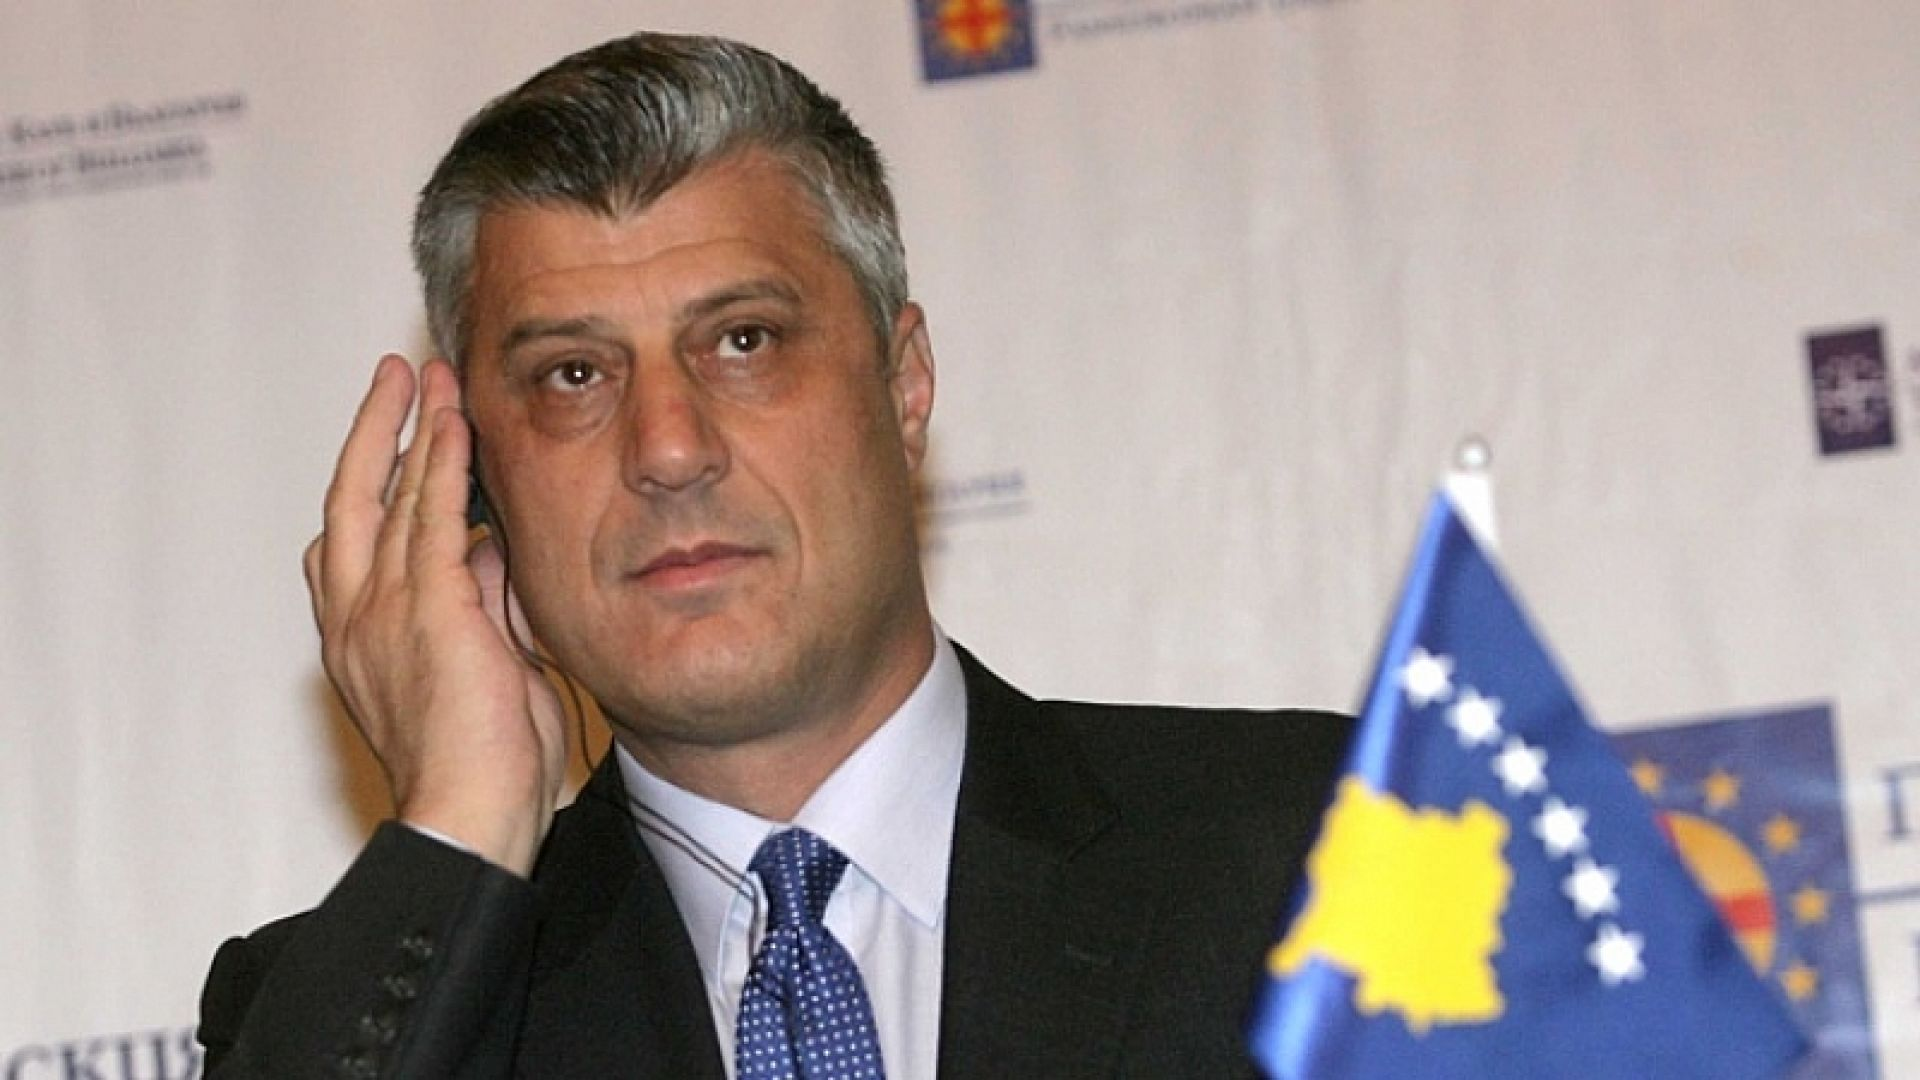 Косовският президент отхвърля предложението за размяна на територии със Сърбия